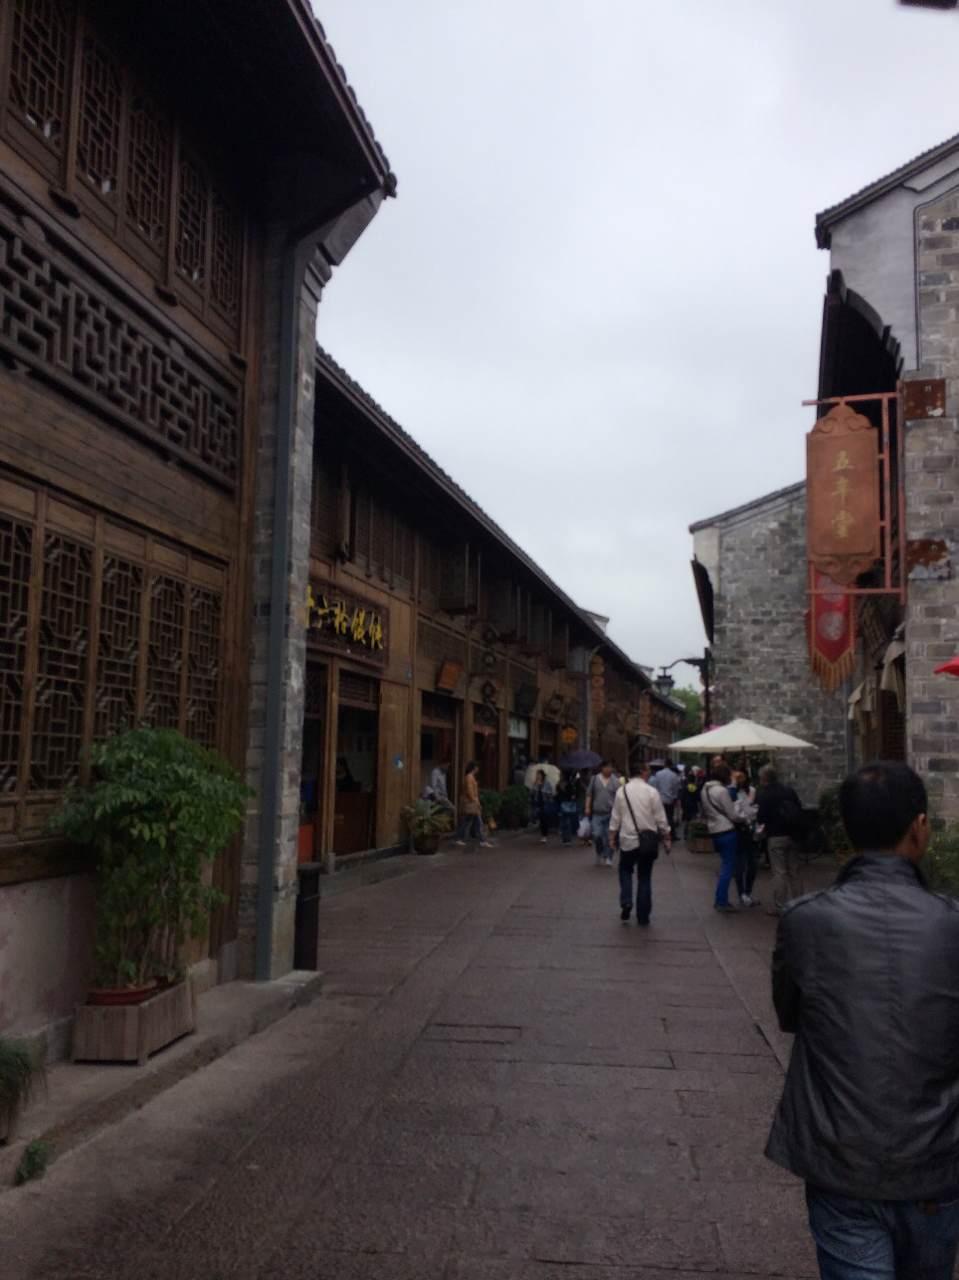 【携程攻略】宁波南塘老街好玩吗,宁波南塘老街景点样